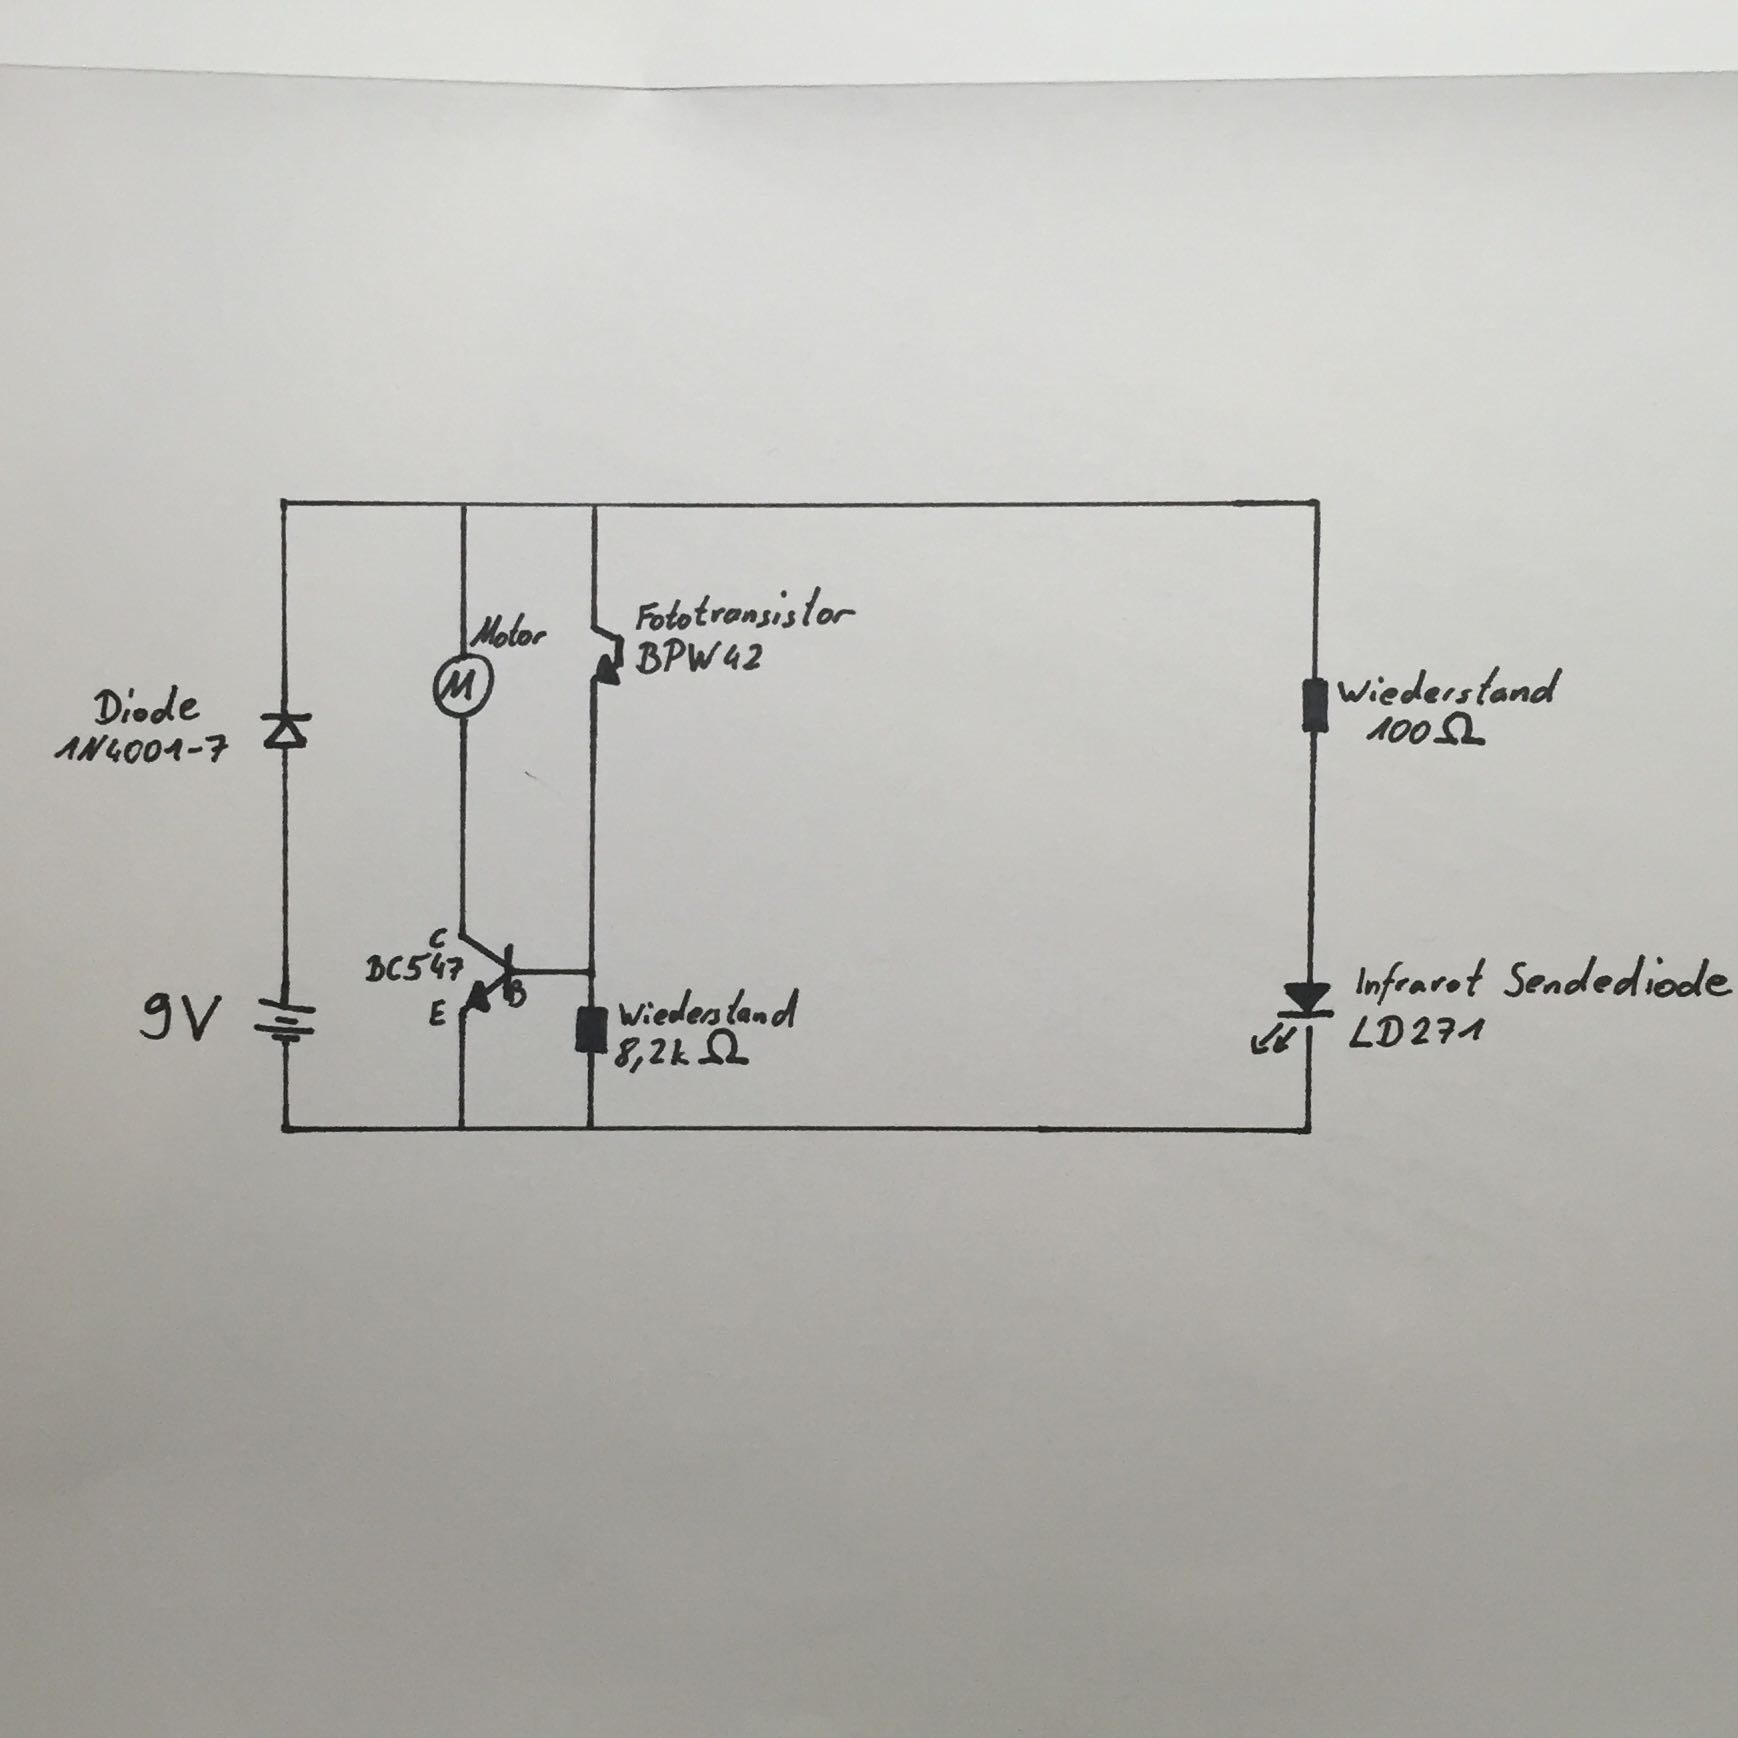 infrarot lichtschranke schulprojekt funktioniert nicht. Black Bedroom Furniture Sets. Home Design Ideas